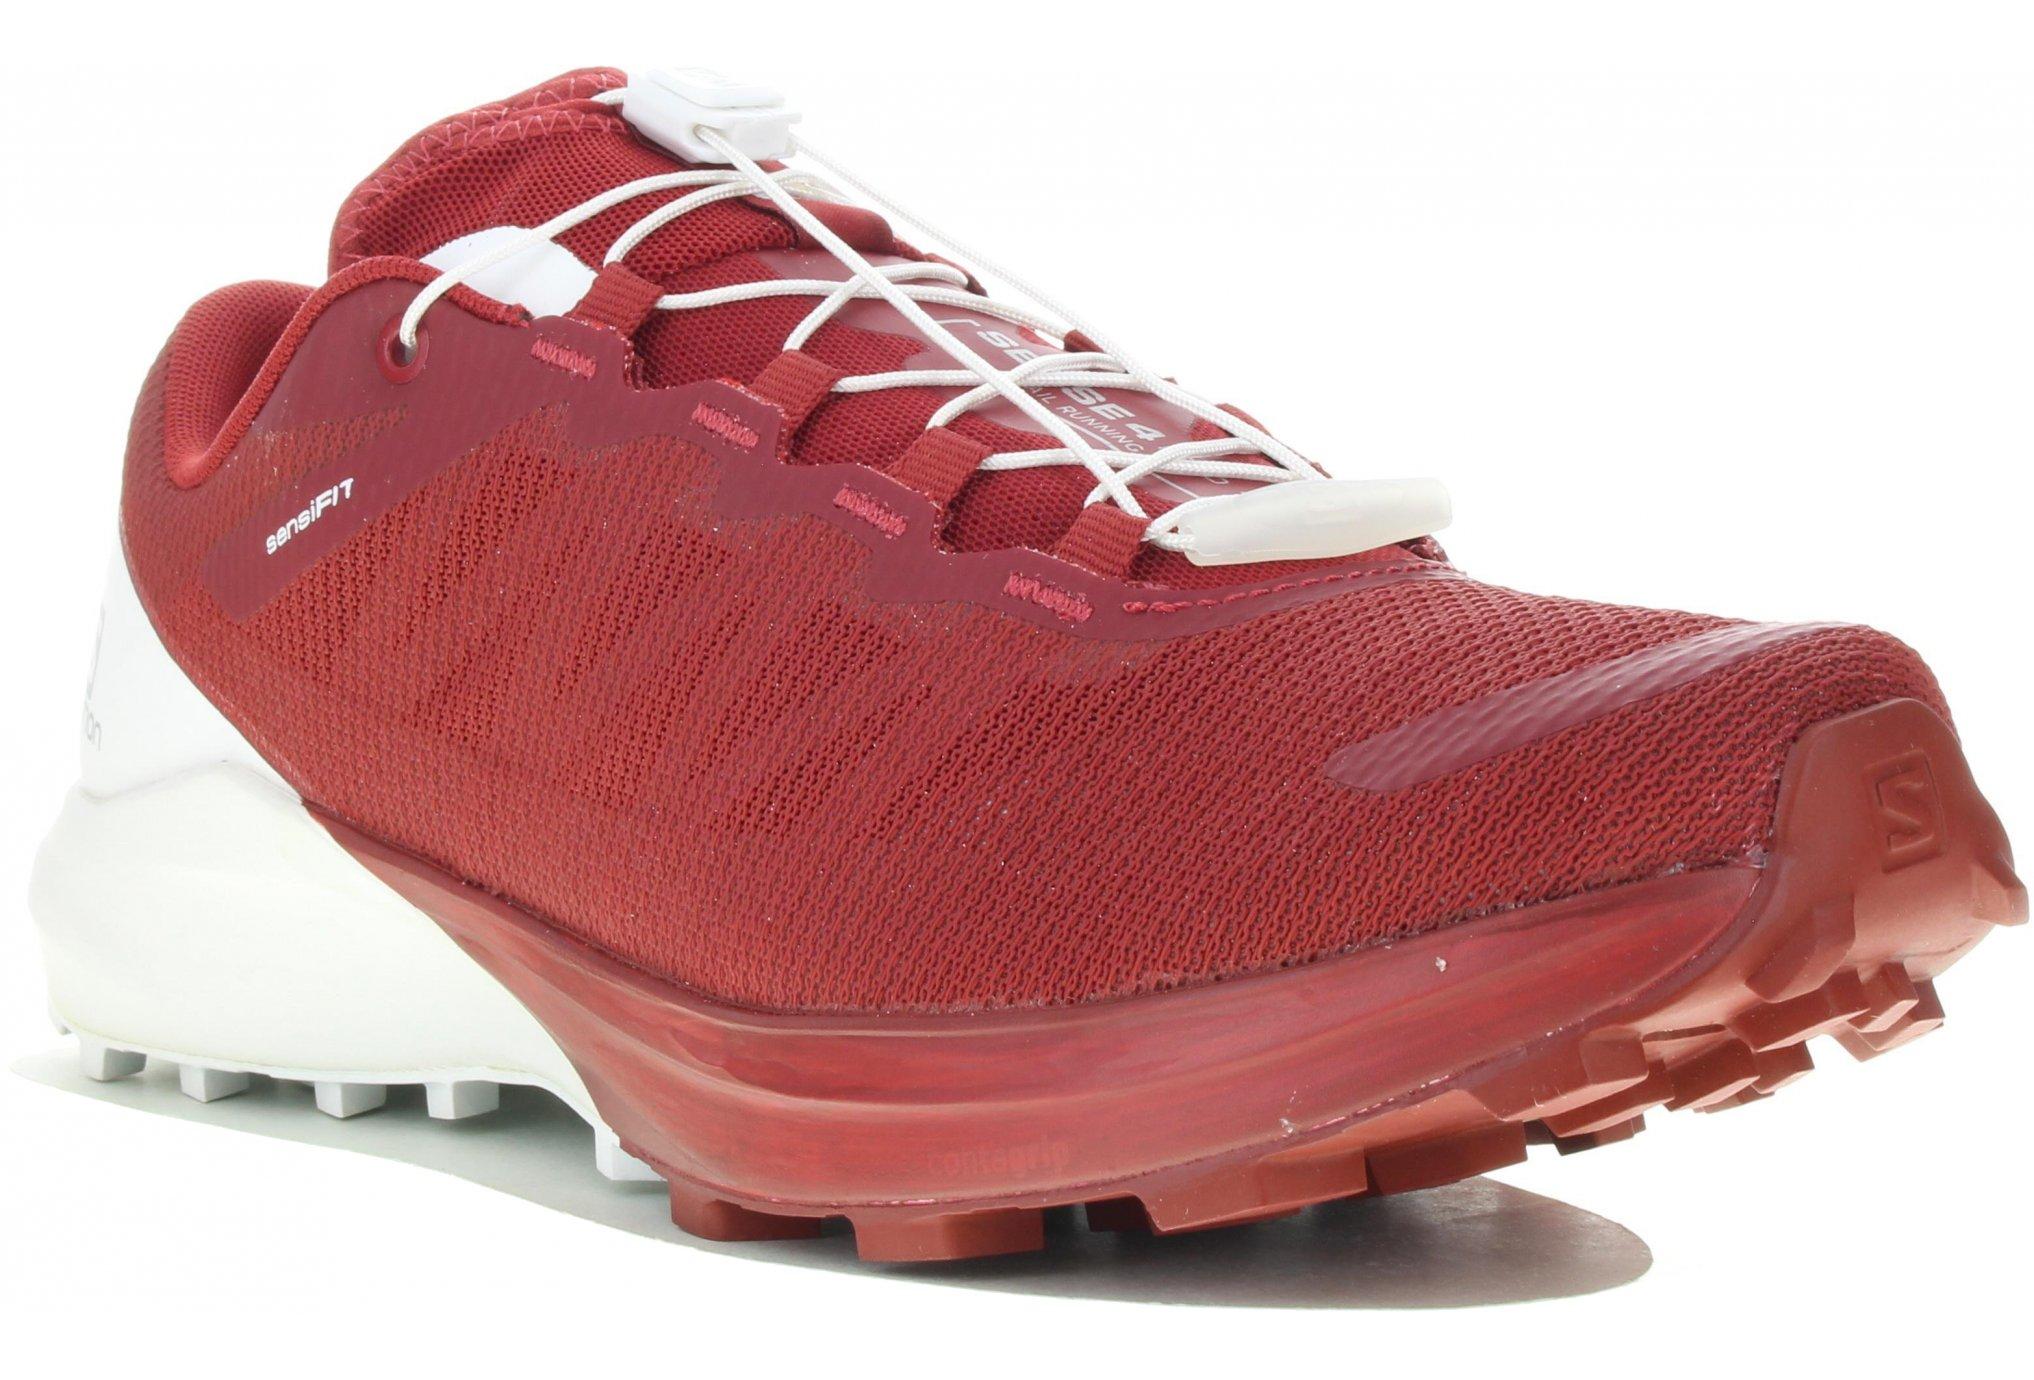 Salomon Sense 4 Pro Chaussures homme